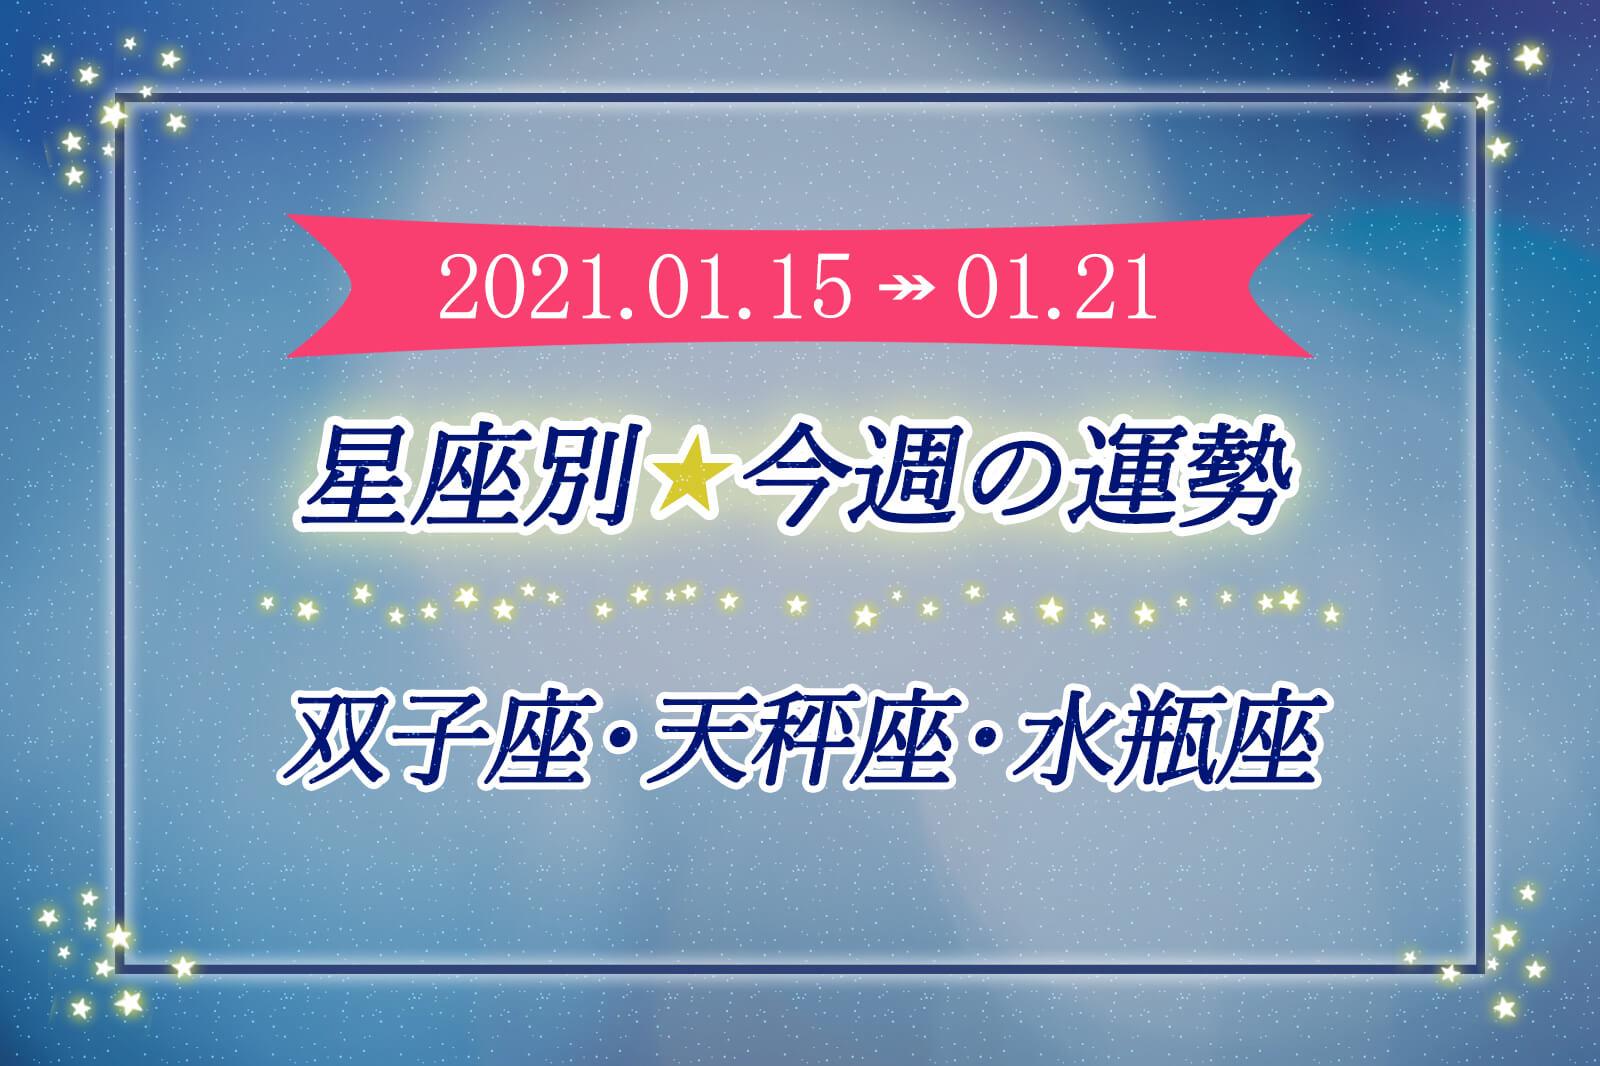 ≪双子座/天秤座/水瓶座≫月の動きで見る1週間の心の変化*1月15日 ~ 1月21日